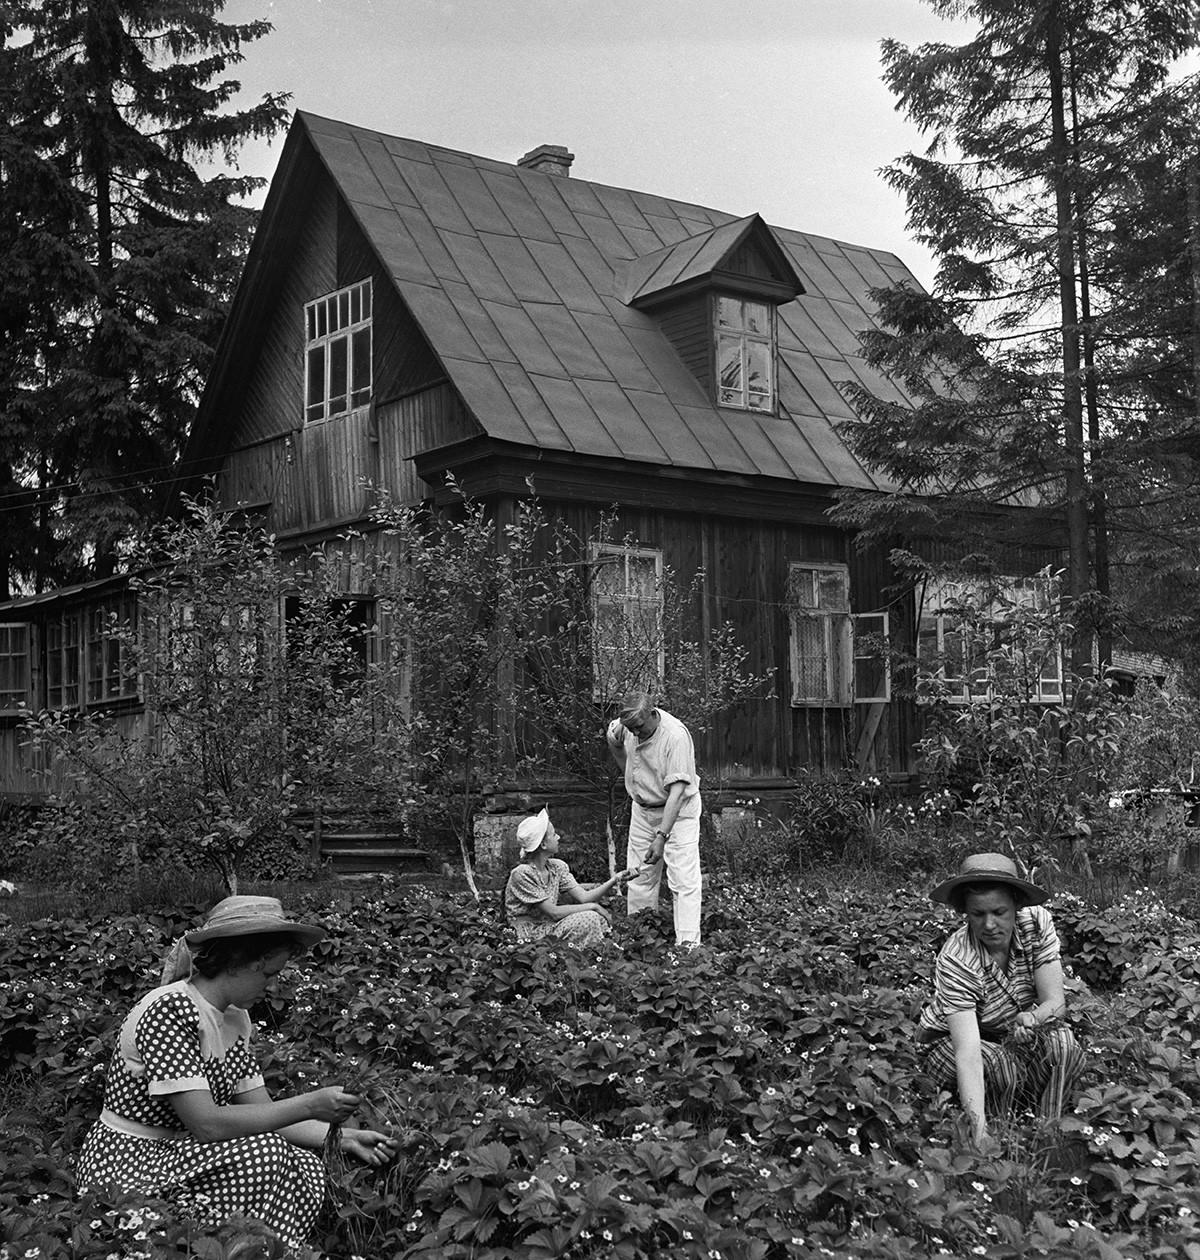 いちご畑で作業をするダーチャの人々